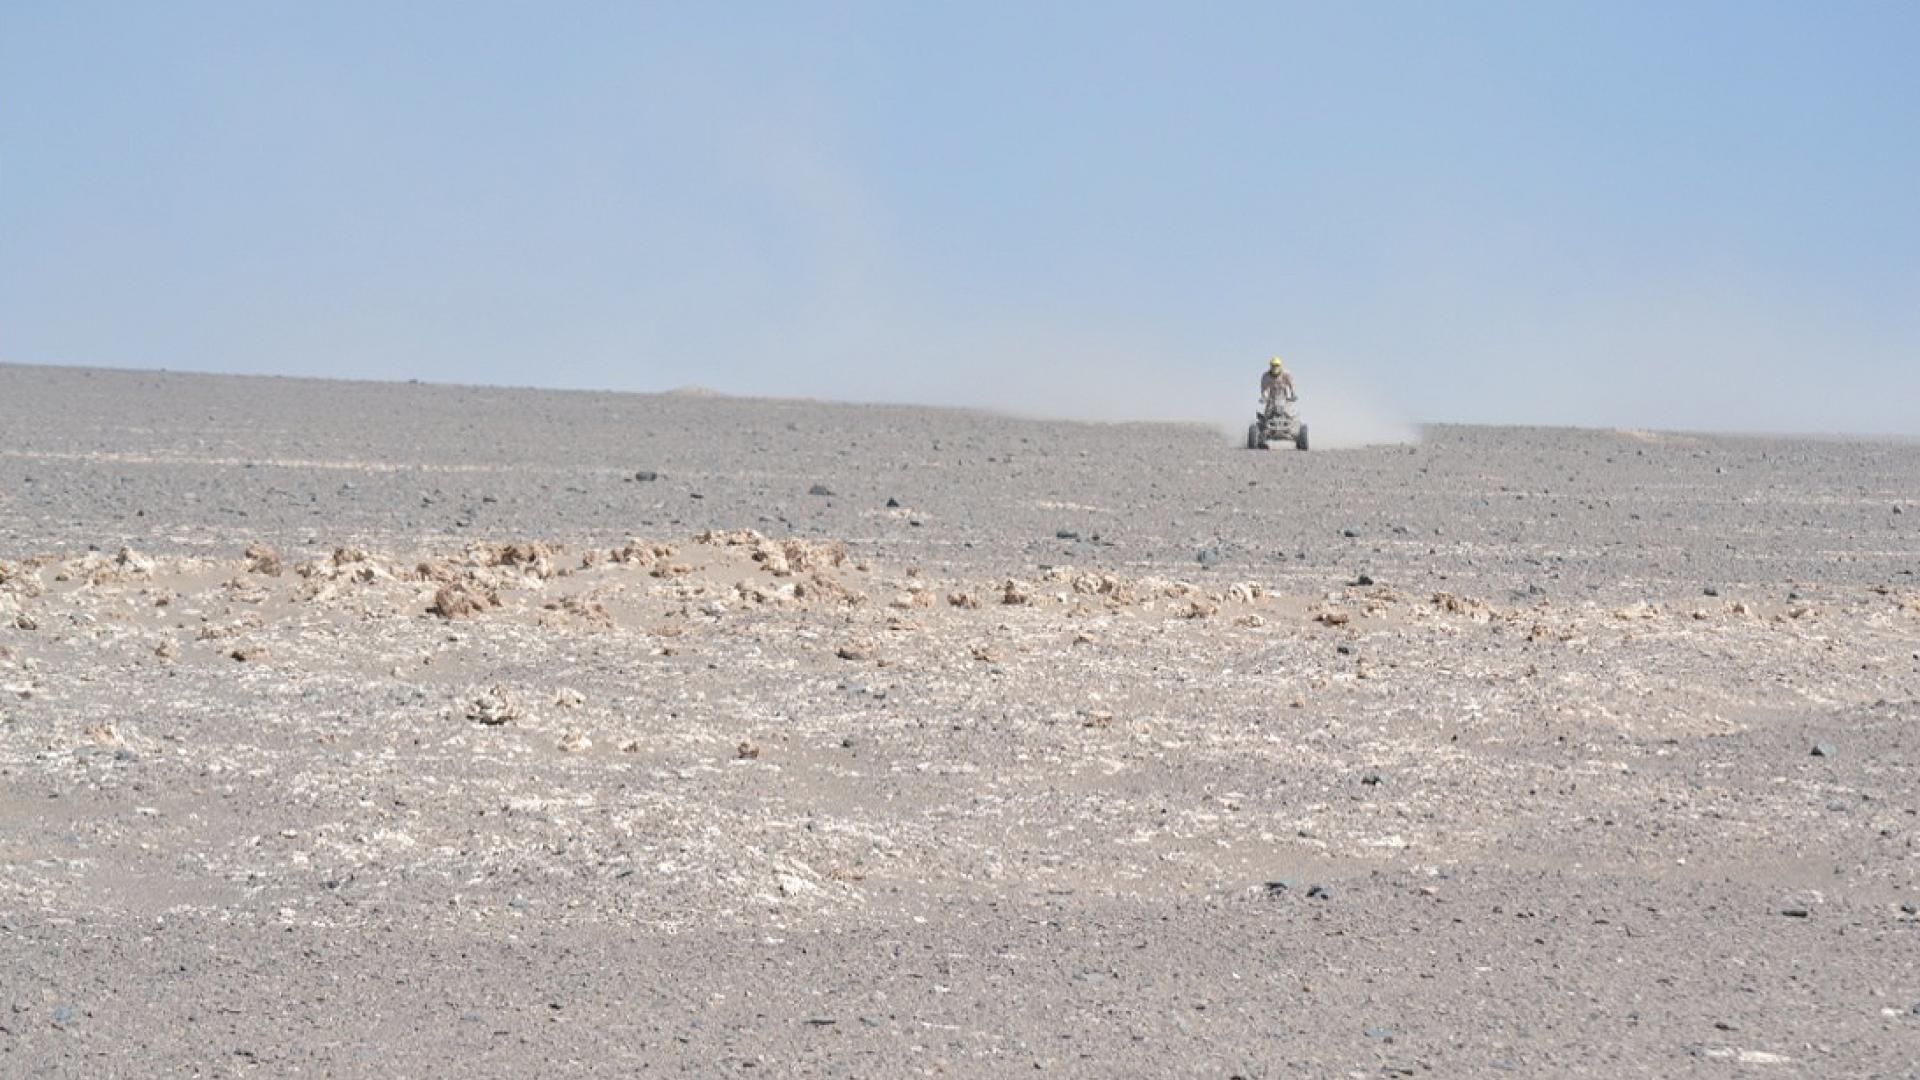 Imagen de Consejo de Monumentos Nacionales monitorea afectación a sitio arqueológico producido por competencia Dakar 2015